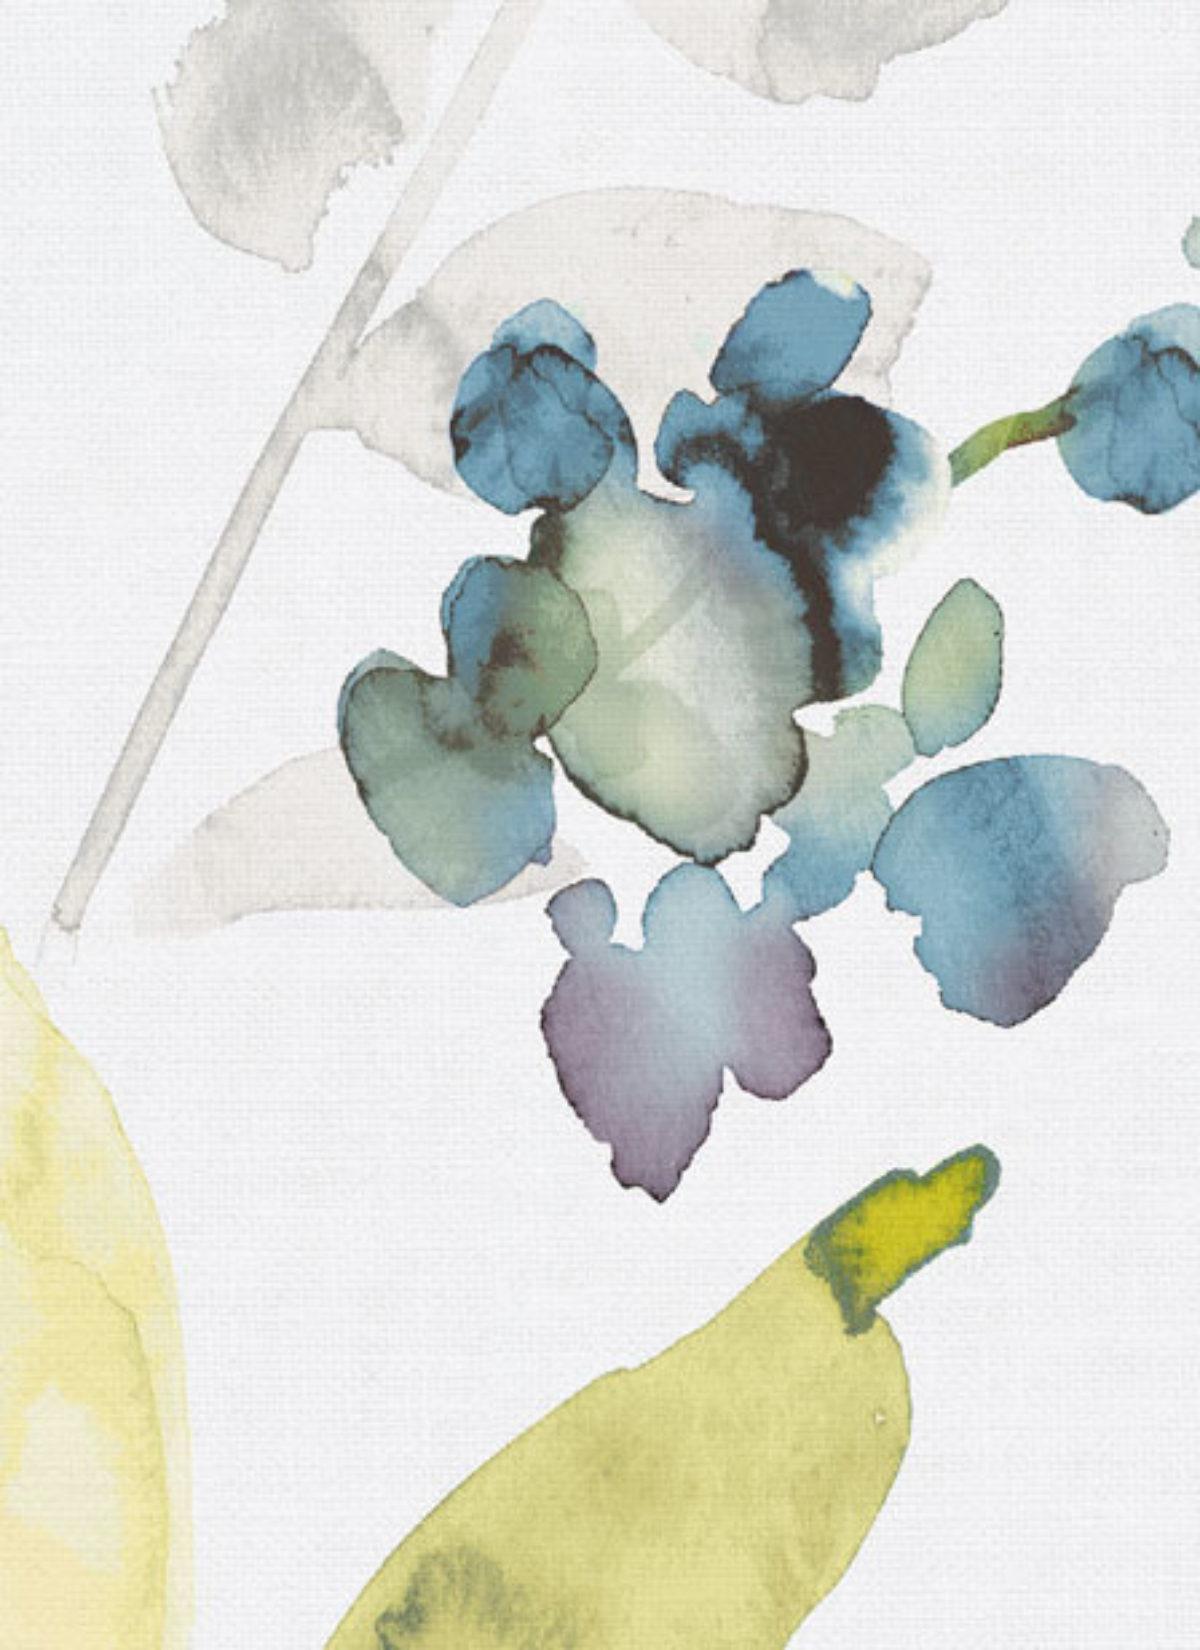 Kendix gordijnen in between vitrage stoffen collectie 0119450001 botanical u 01 zoom